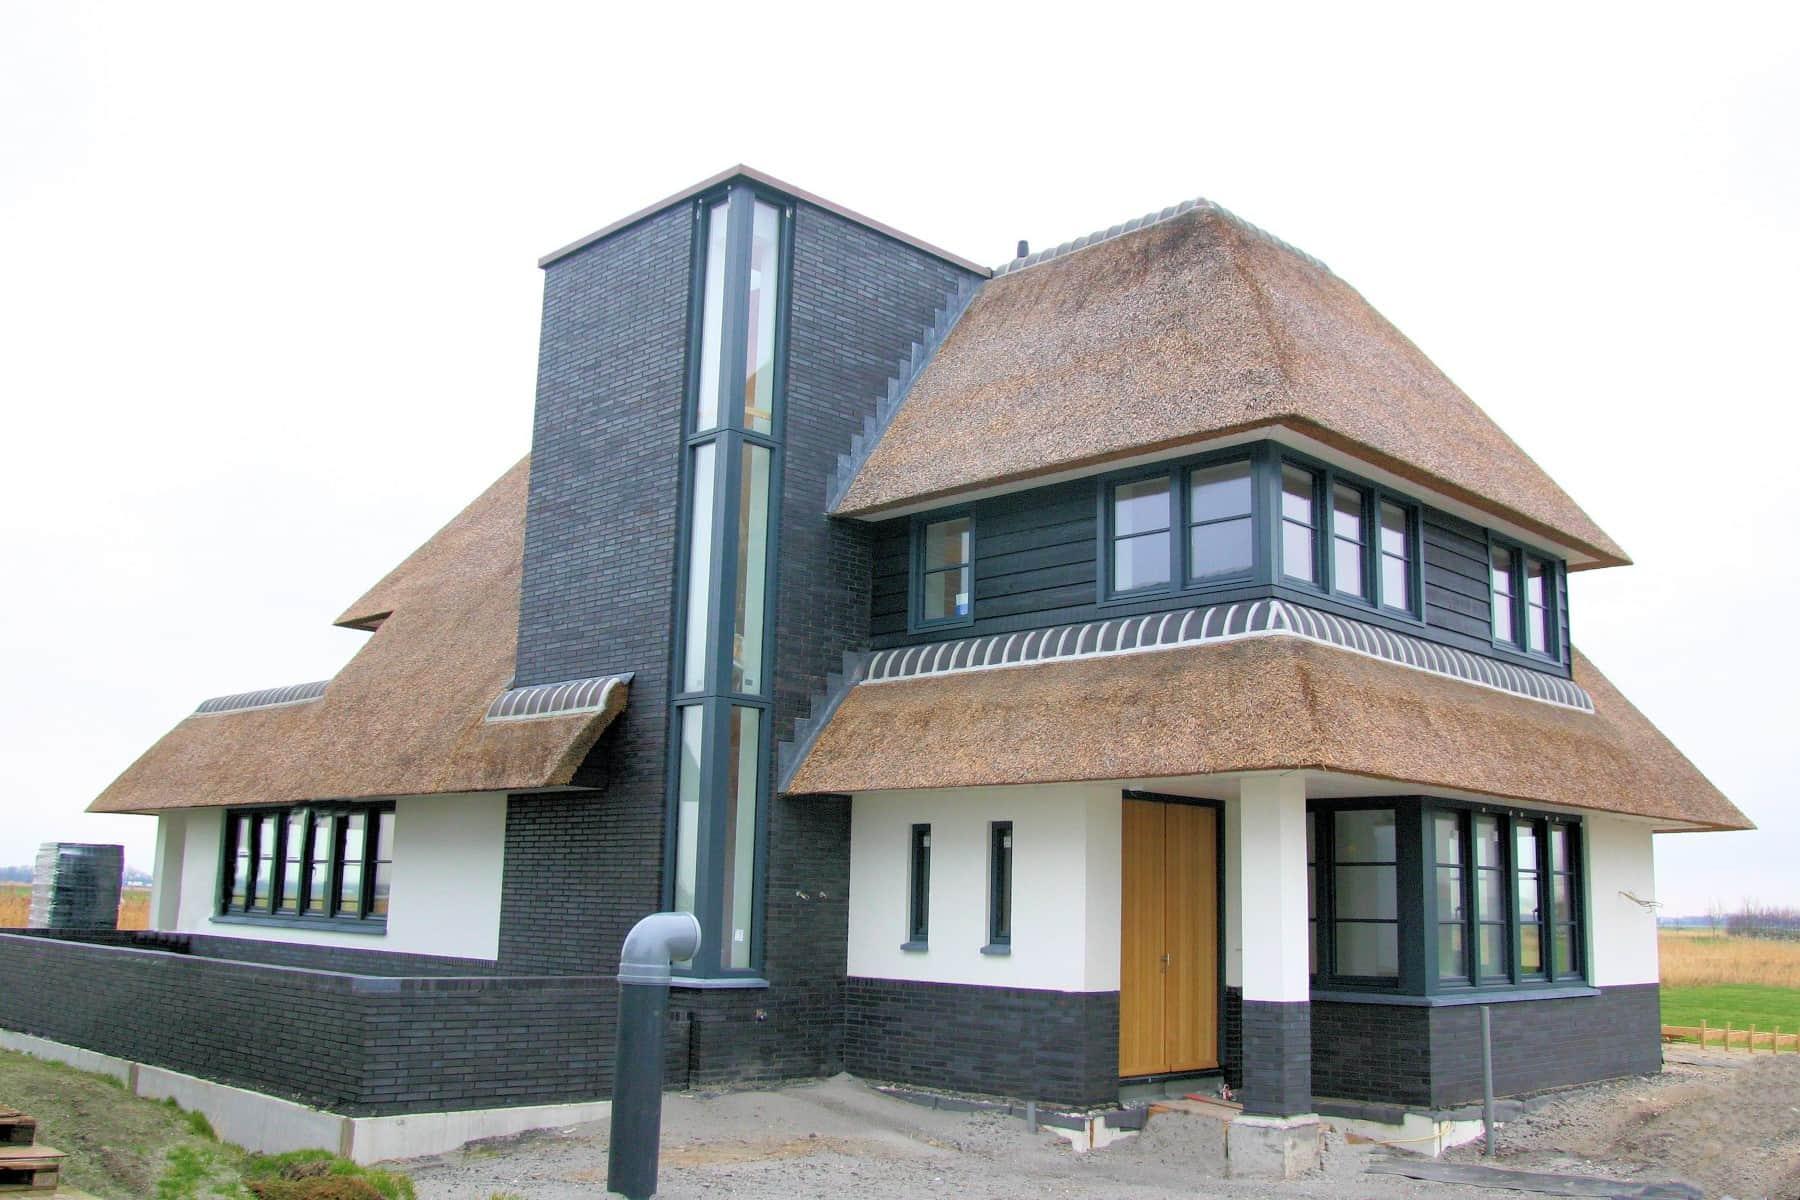 Villa s rieten dak rietdekkersbedrijf de rietdekkerij